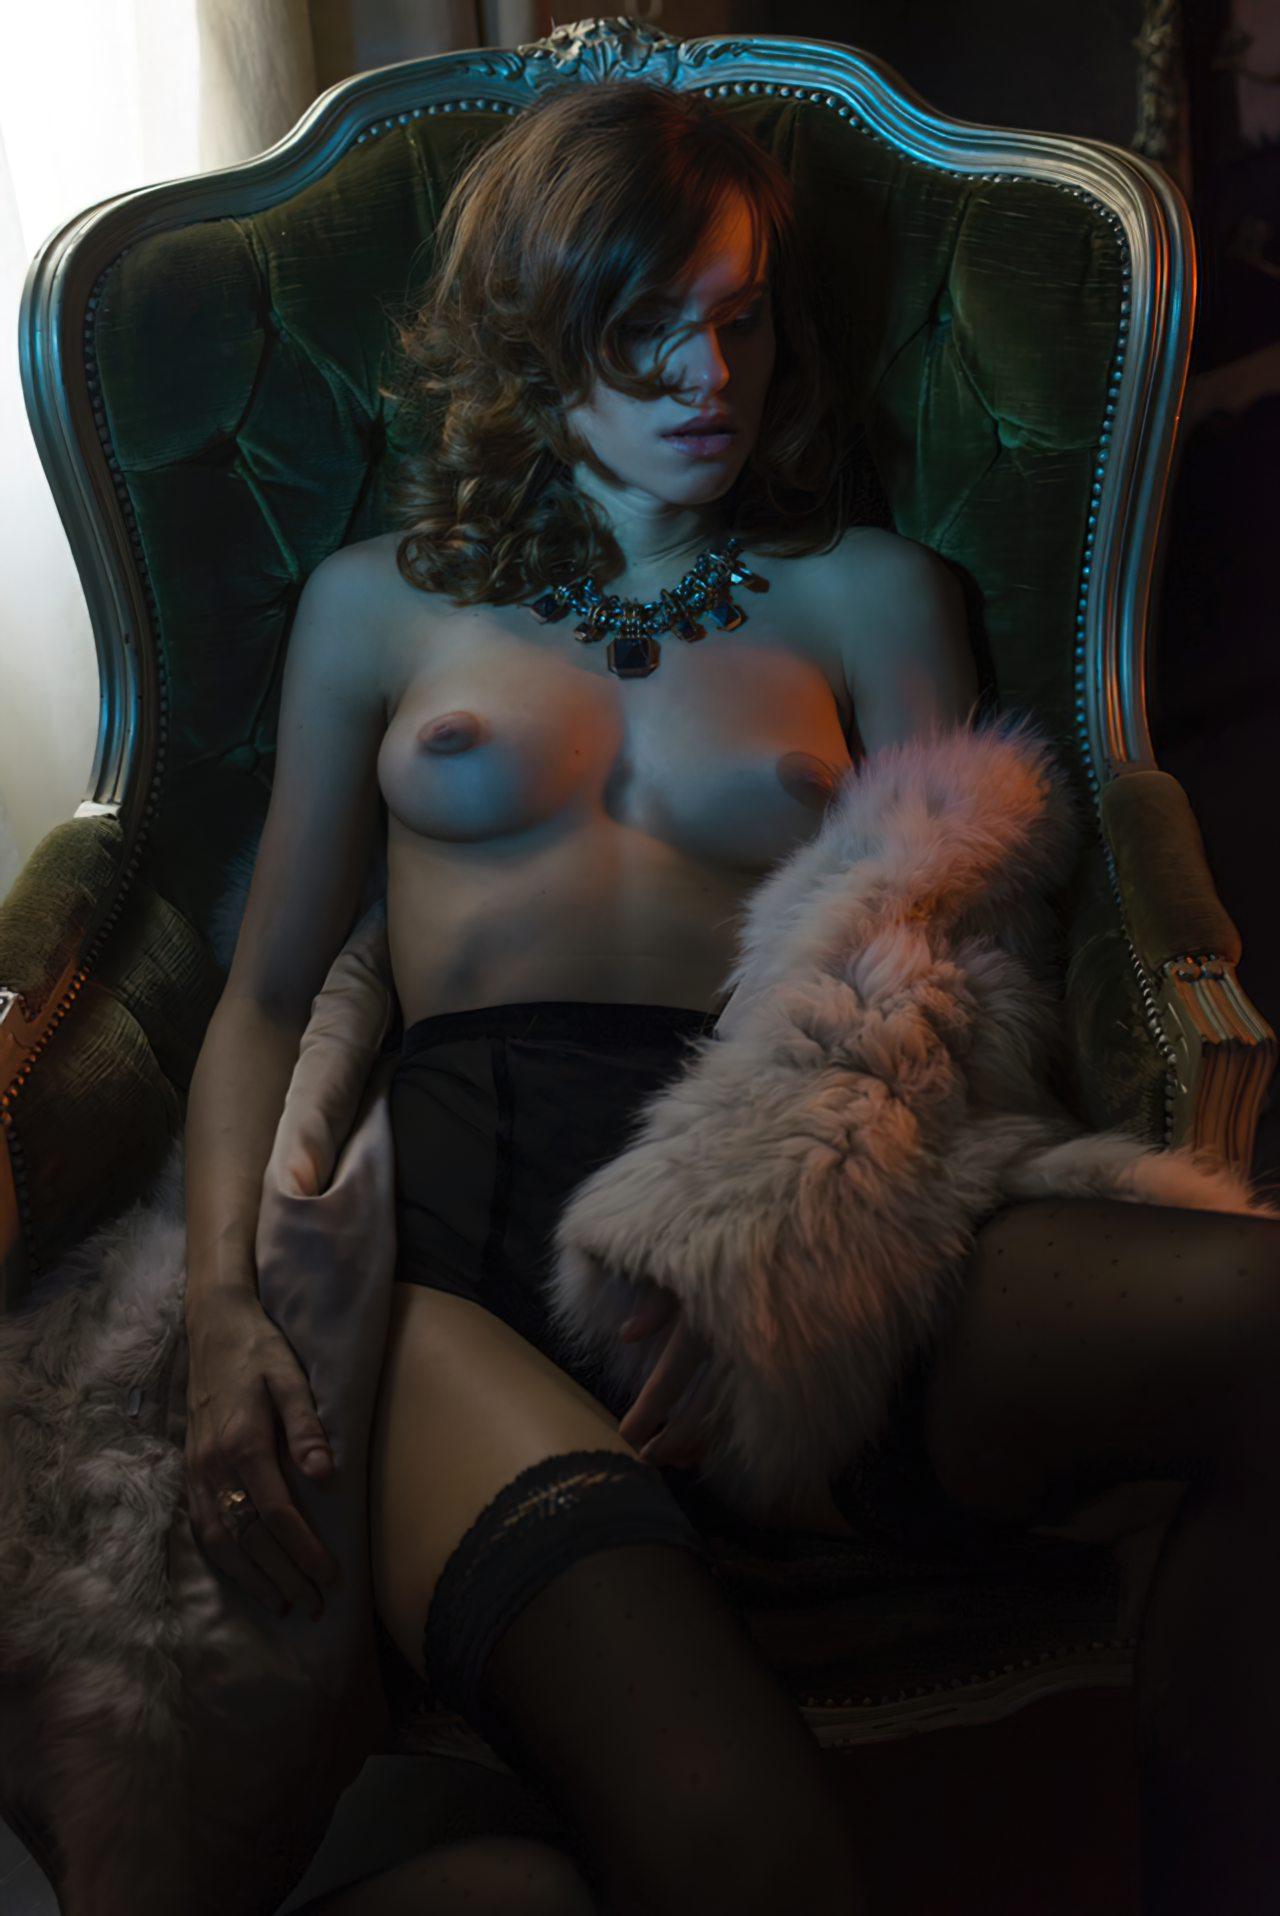 Imagens de Mulheres Despidas (19)